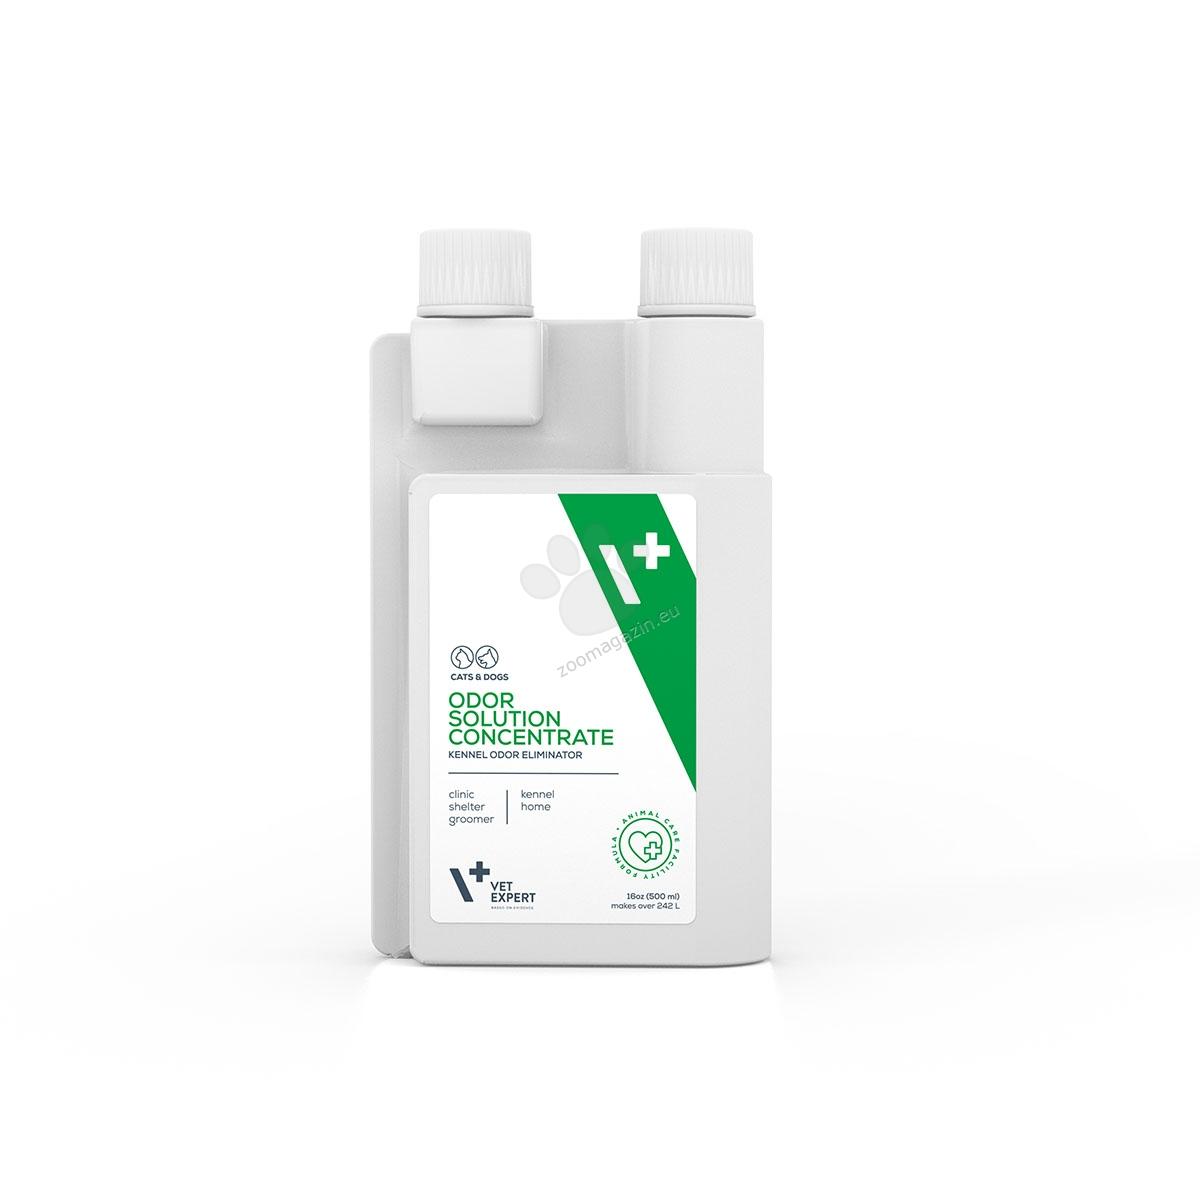 Vetexpert - Kennel Odor Eliminator - елиминира най проблемните и упорити животински миризми 500 мл.